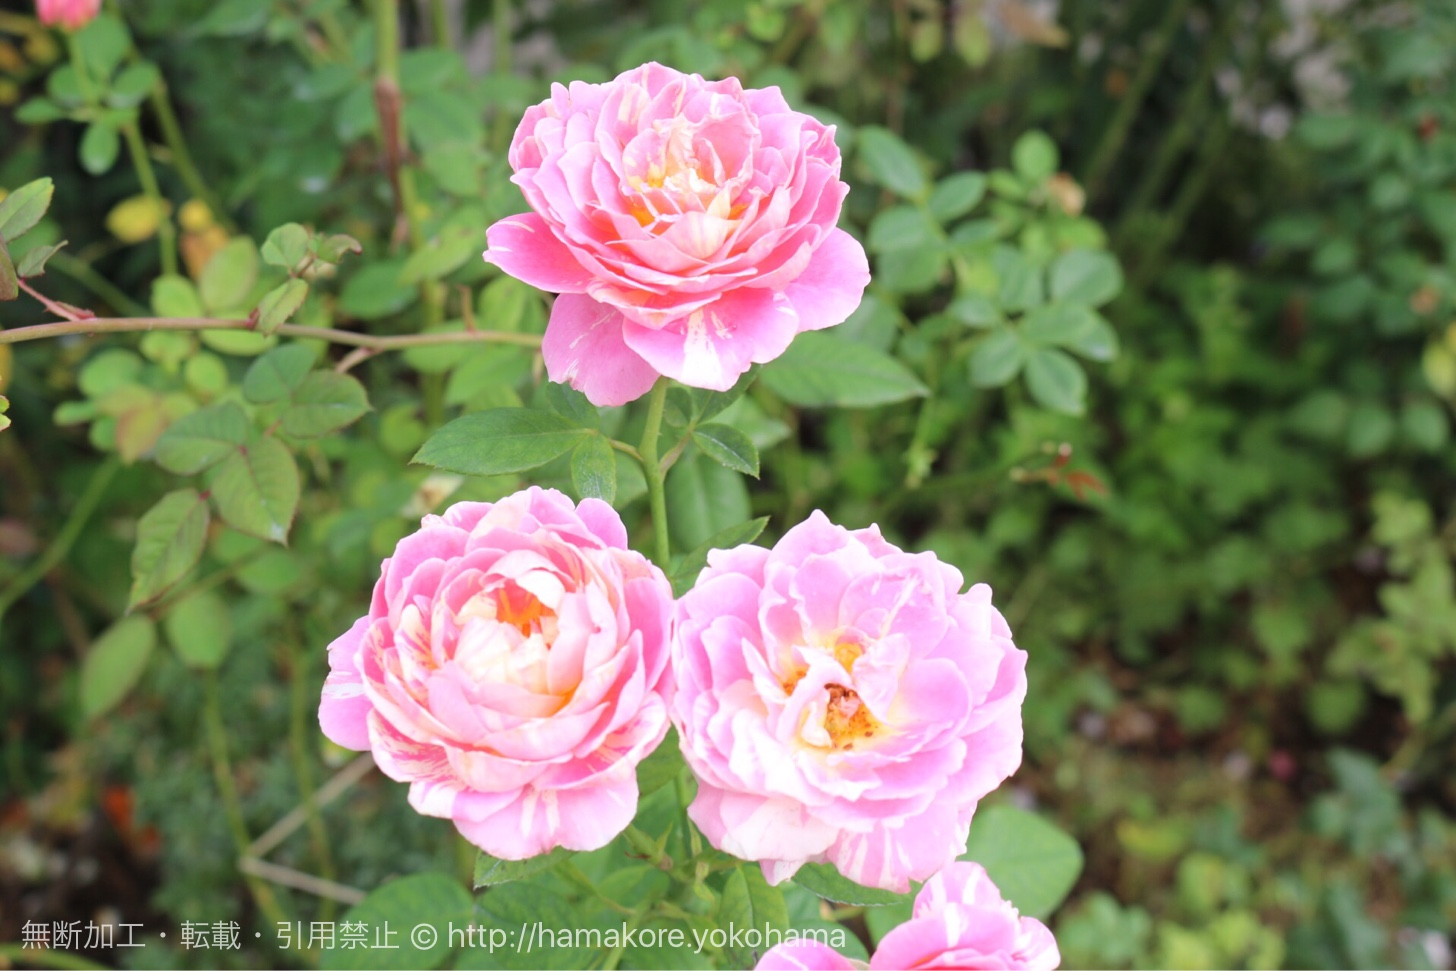 港の見える丘公園 ローズガーデンに咲くバラ